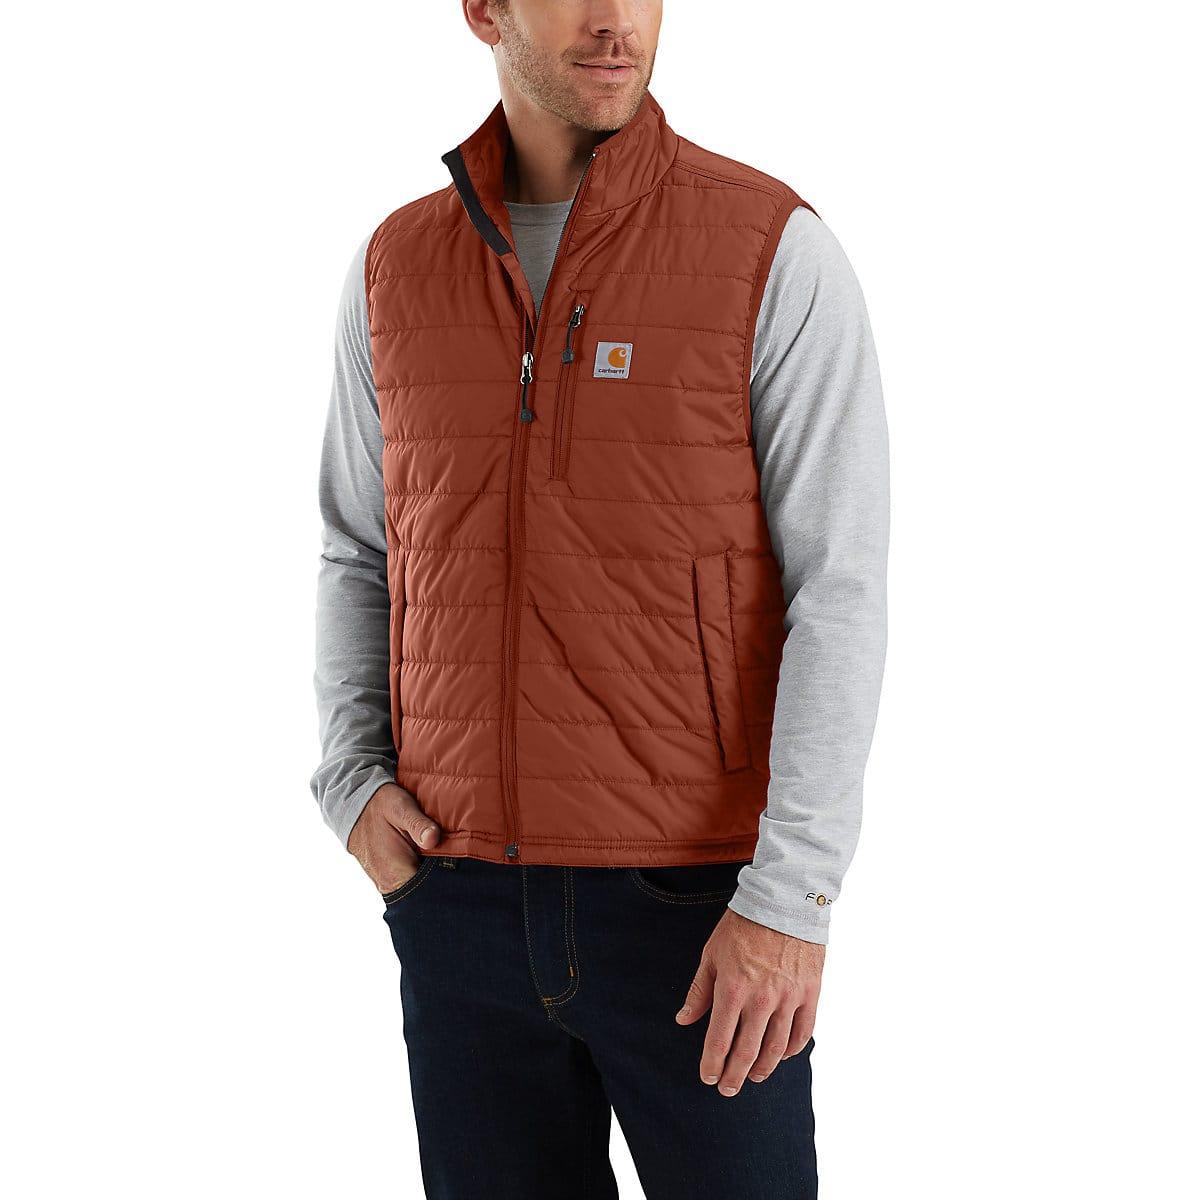 7f8478b9f2c40 Men's Gilliam Vest 102286   Carhartt